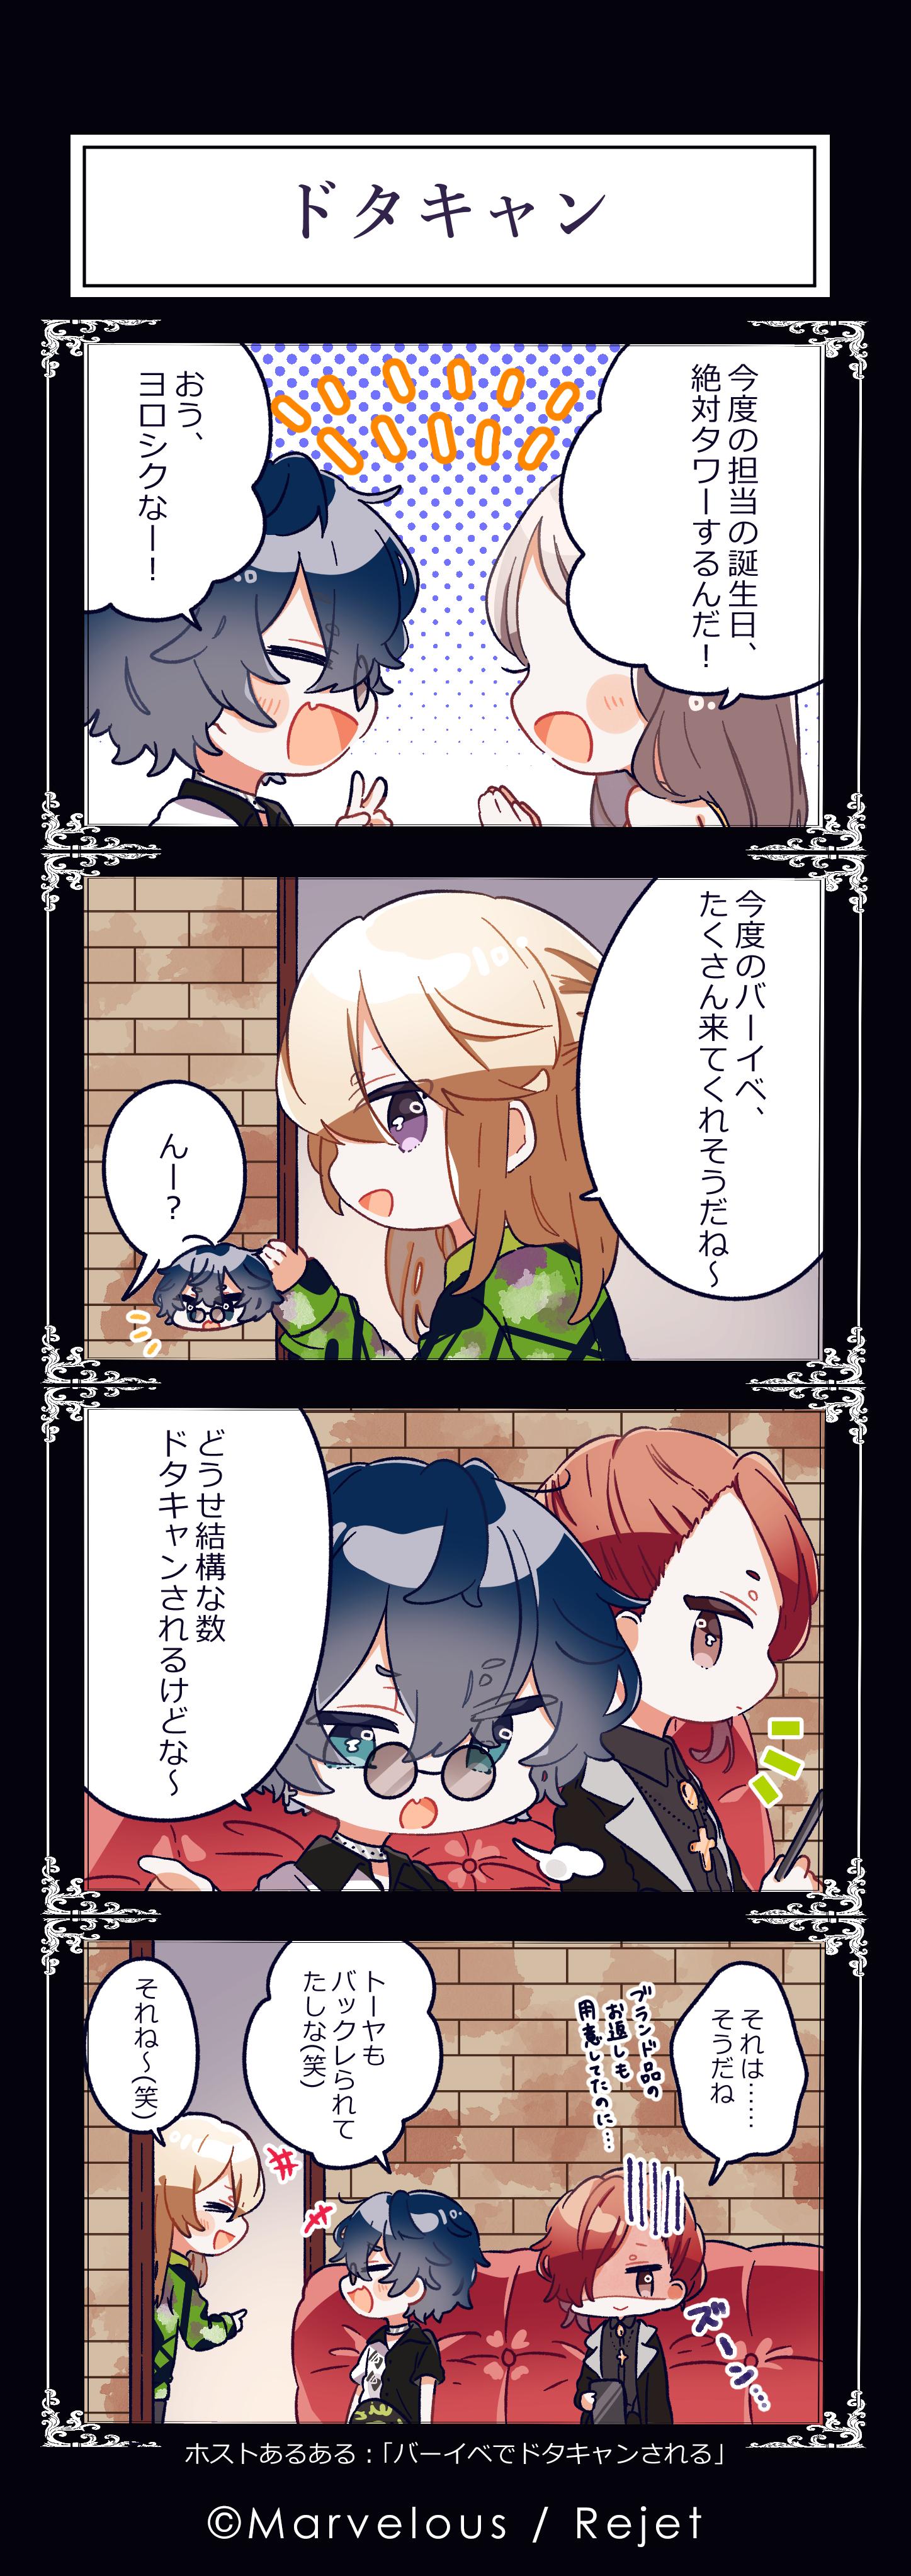 【8月投稿分】mawoko_FN4コマ2 (1).png